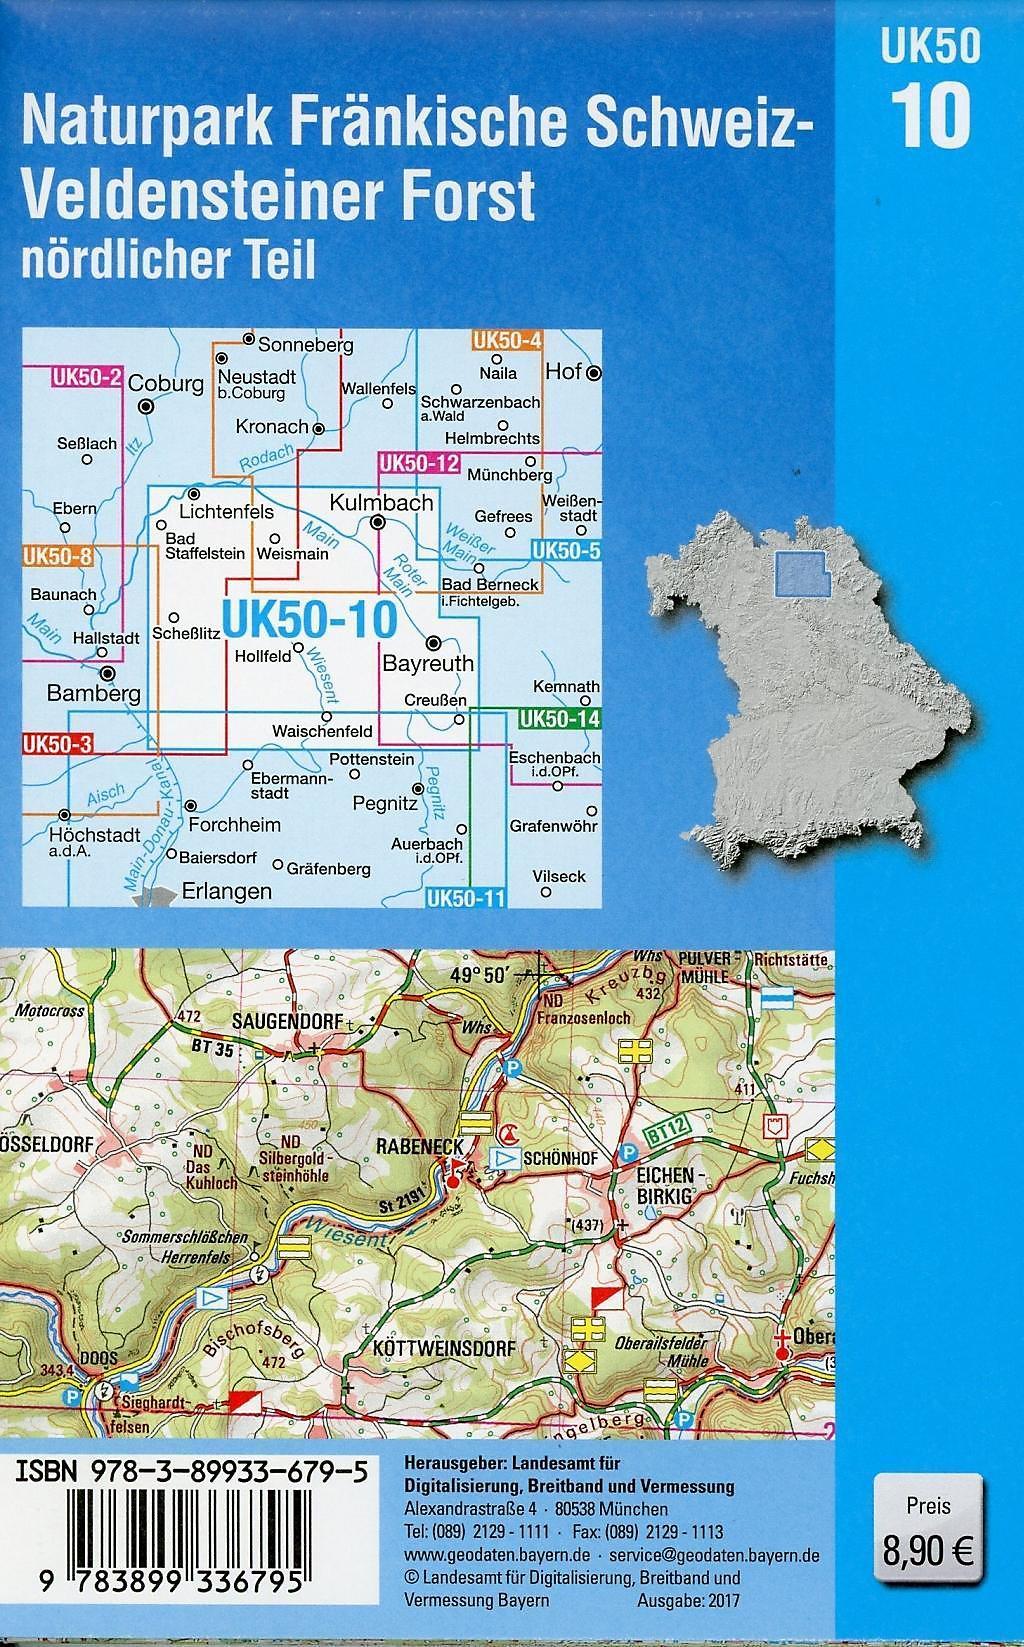 Fränkische Schweiz Karte.Topographische Karte Bayern Naturpark Fränkische Schweiz